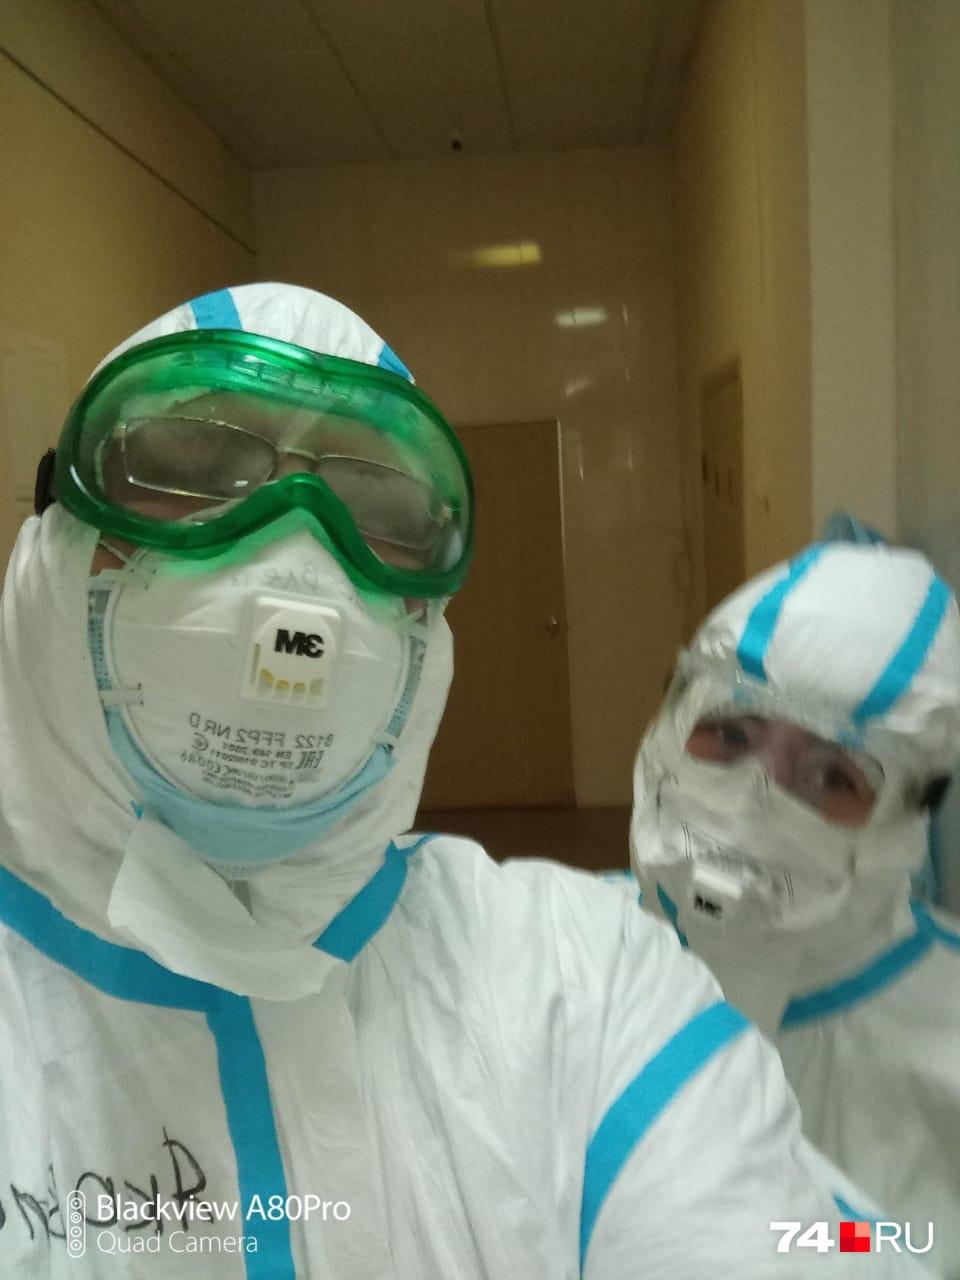 В душном костюме приходится не только совершать обходы пациентов, но и проводить операции и перевязки